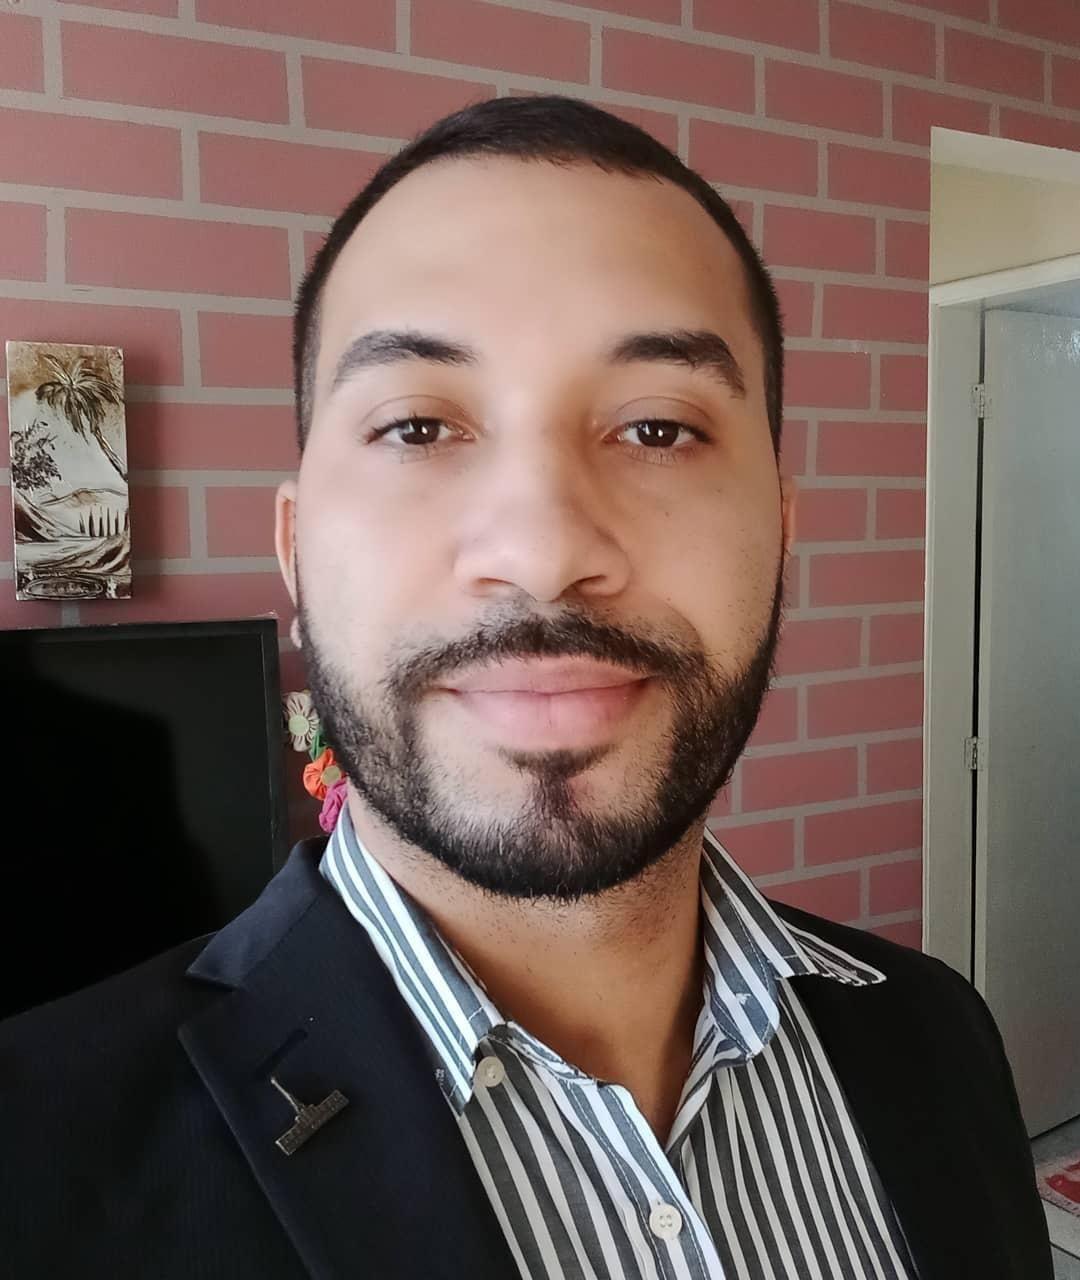 Gilberto Nogueira, ex-bbb, acaba de ser contratado pela TV globo com crachá e tudo